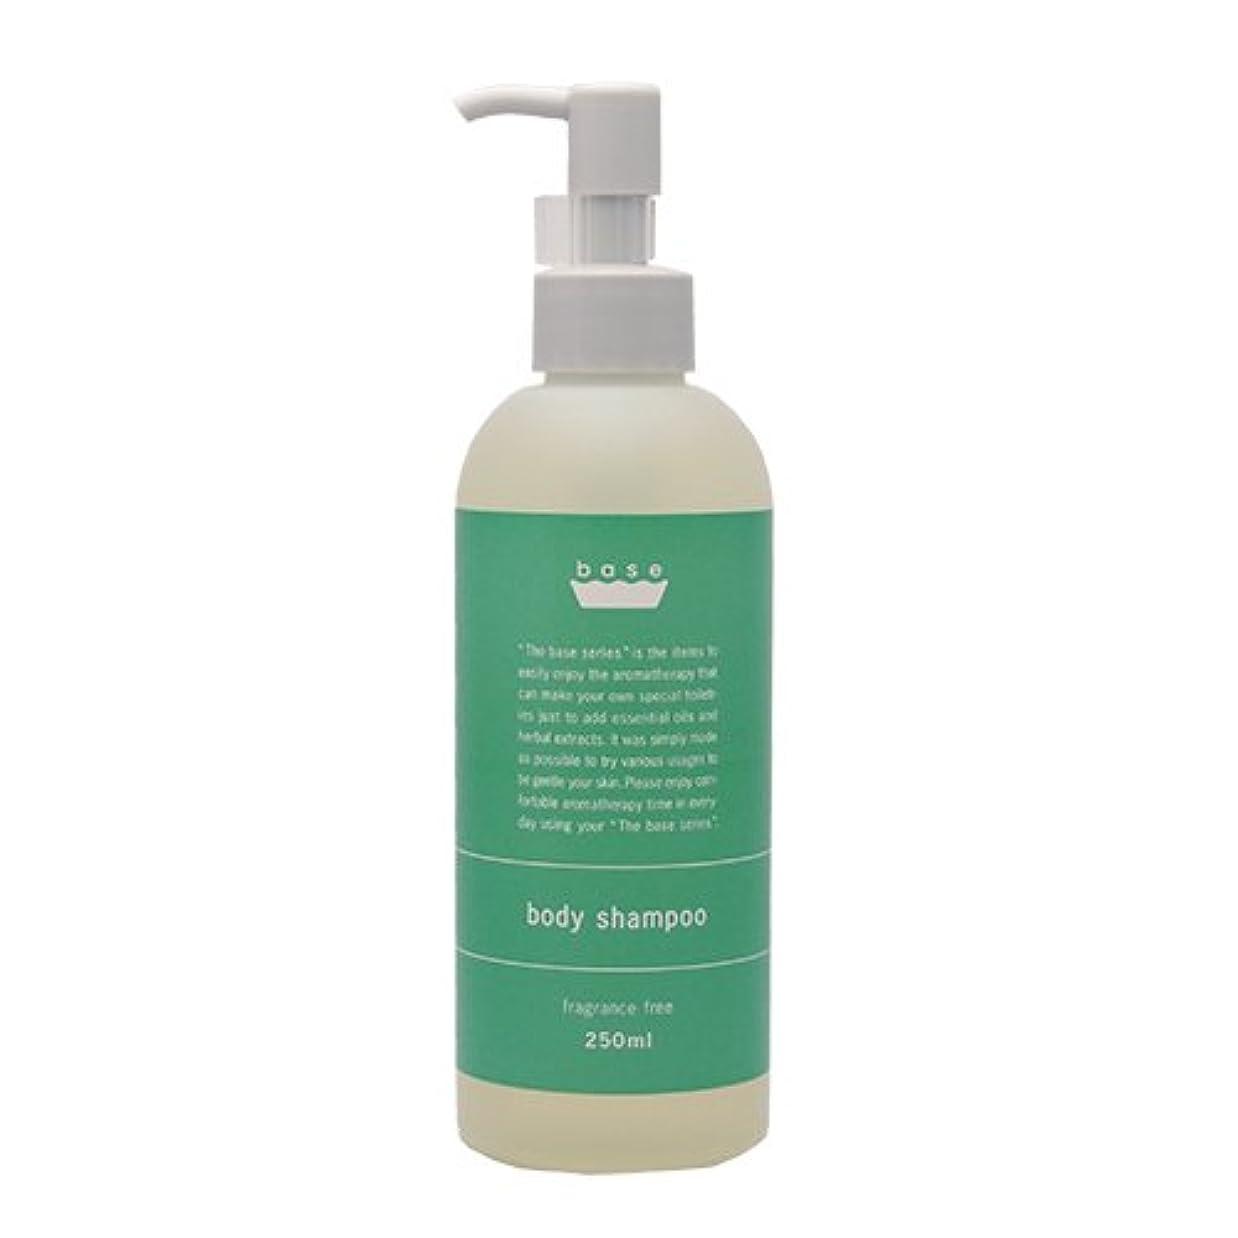 文明化する器官小説フレーバーライフ base body shampoo(ボディーシャンプー)250ml